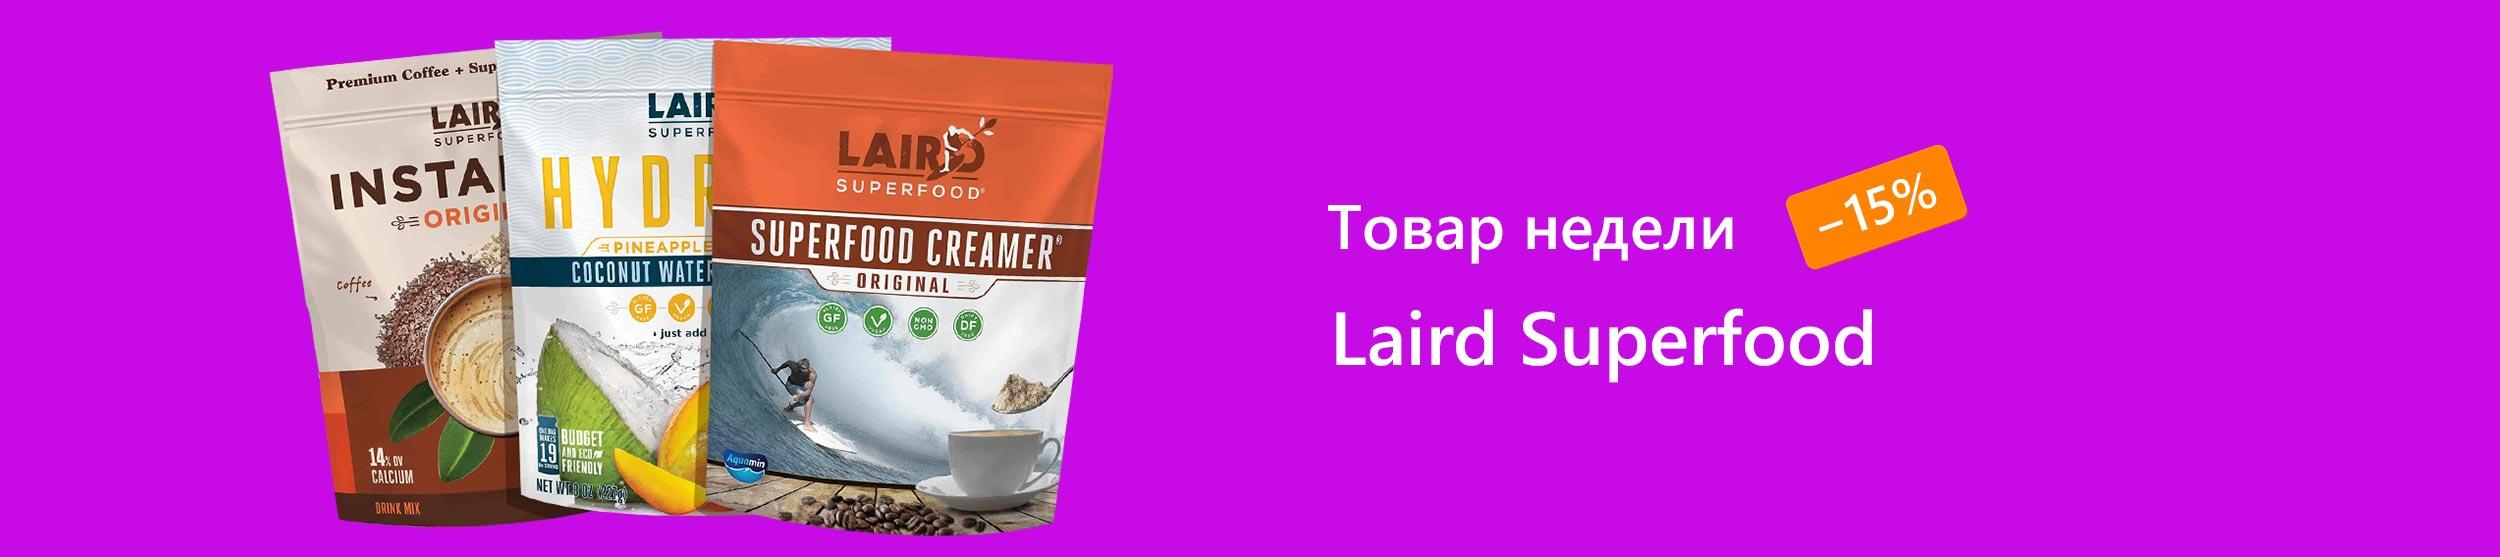 Laird Superfood -15%